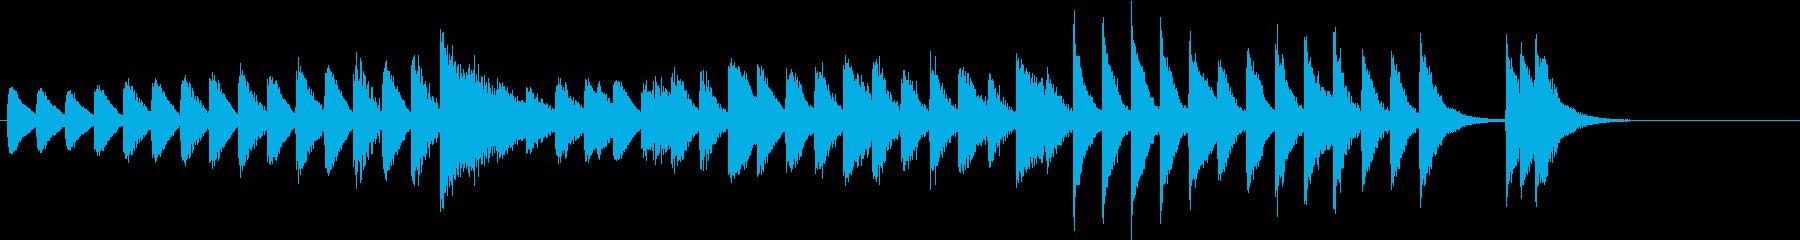 節分!鬼のパンツモチーフピアノジングルFの再生済みの波形